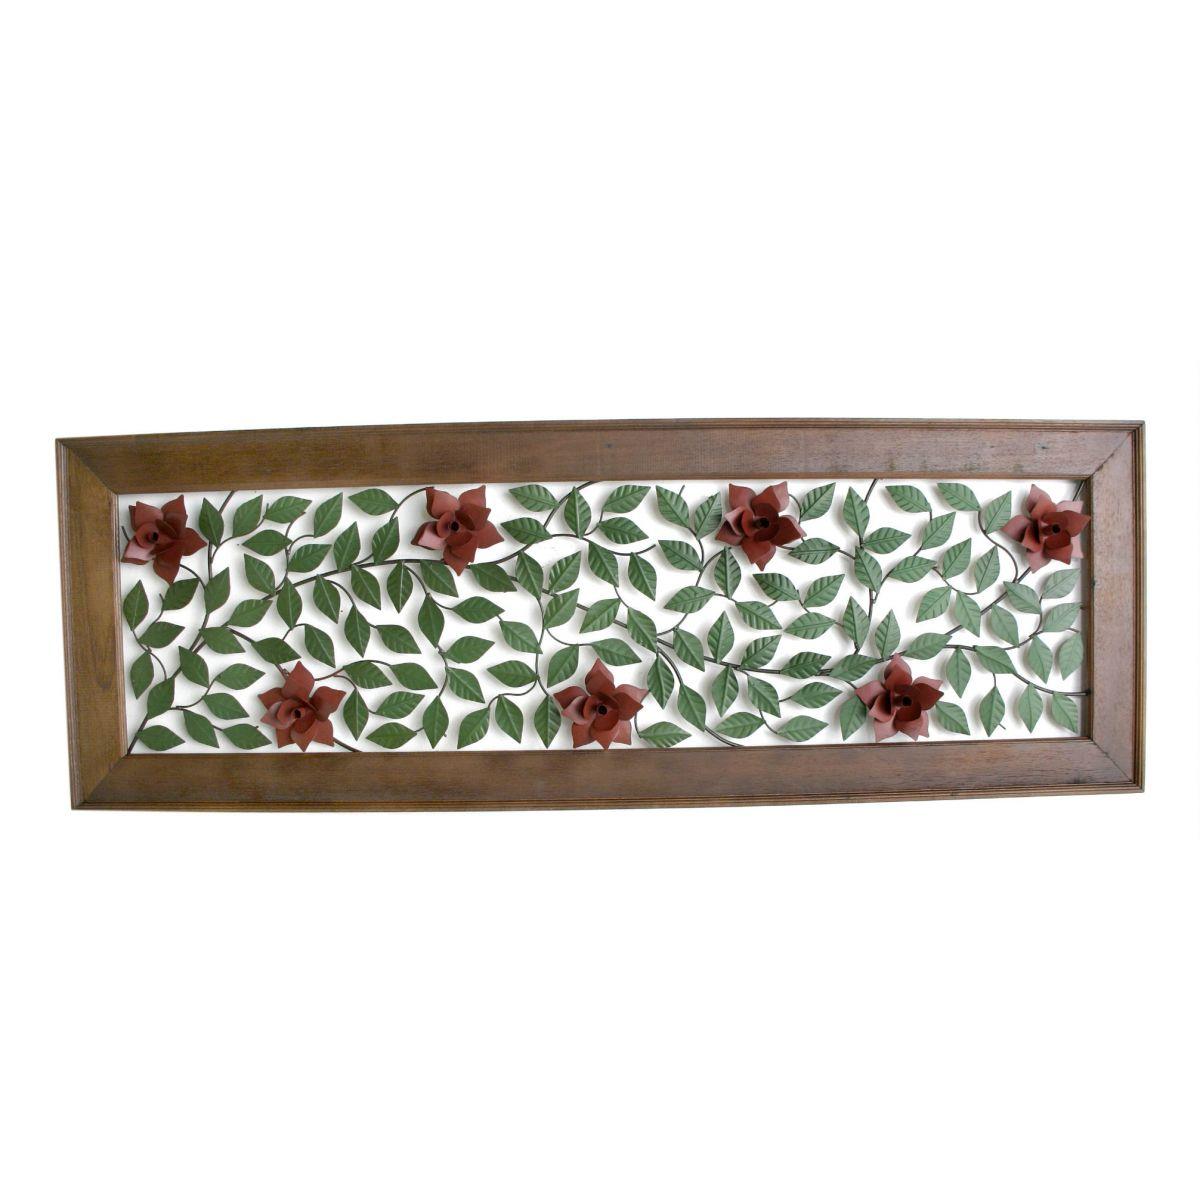 Quadro 1,80 Rosas Vermelhas Artesanais em Ferro Rústico Decorativo